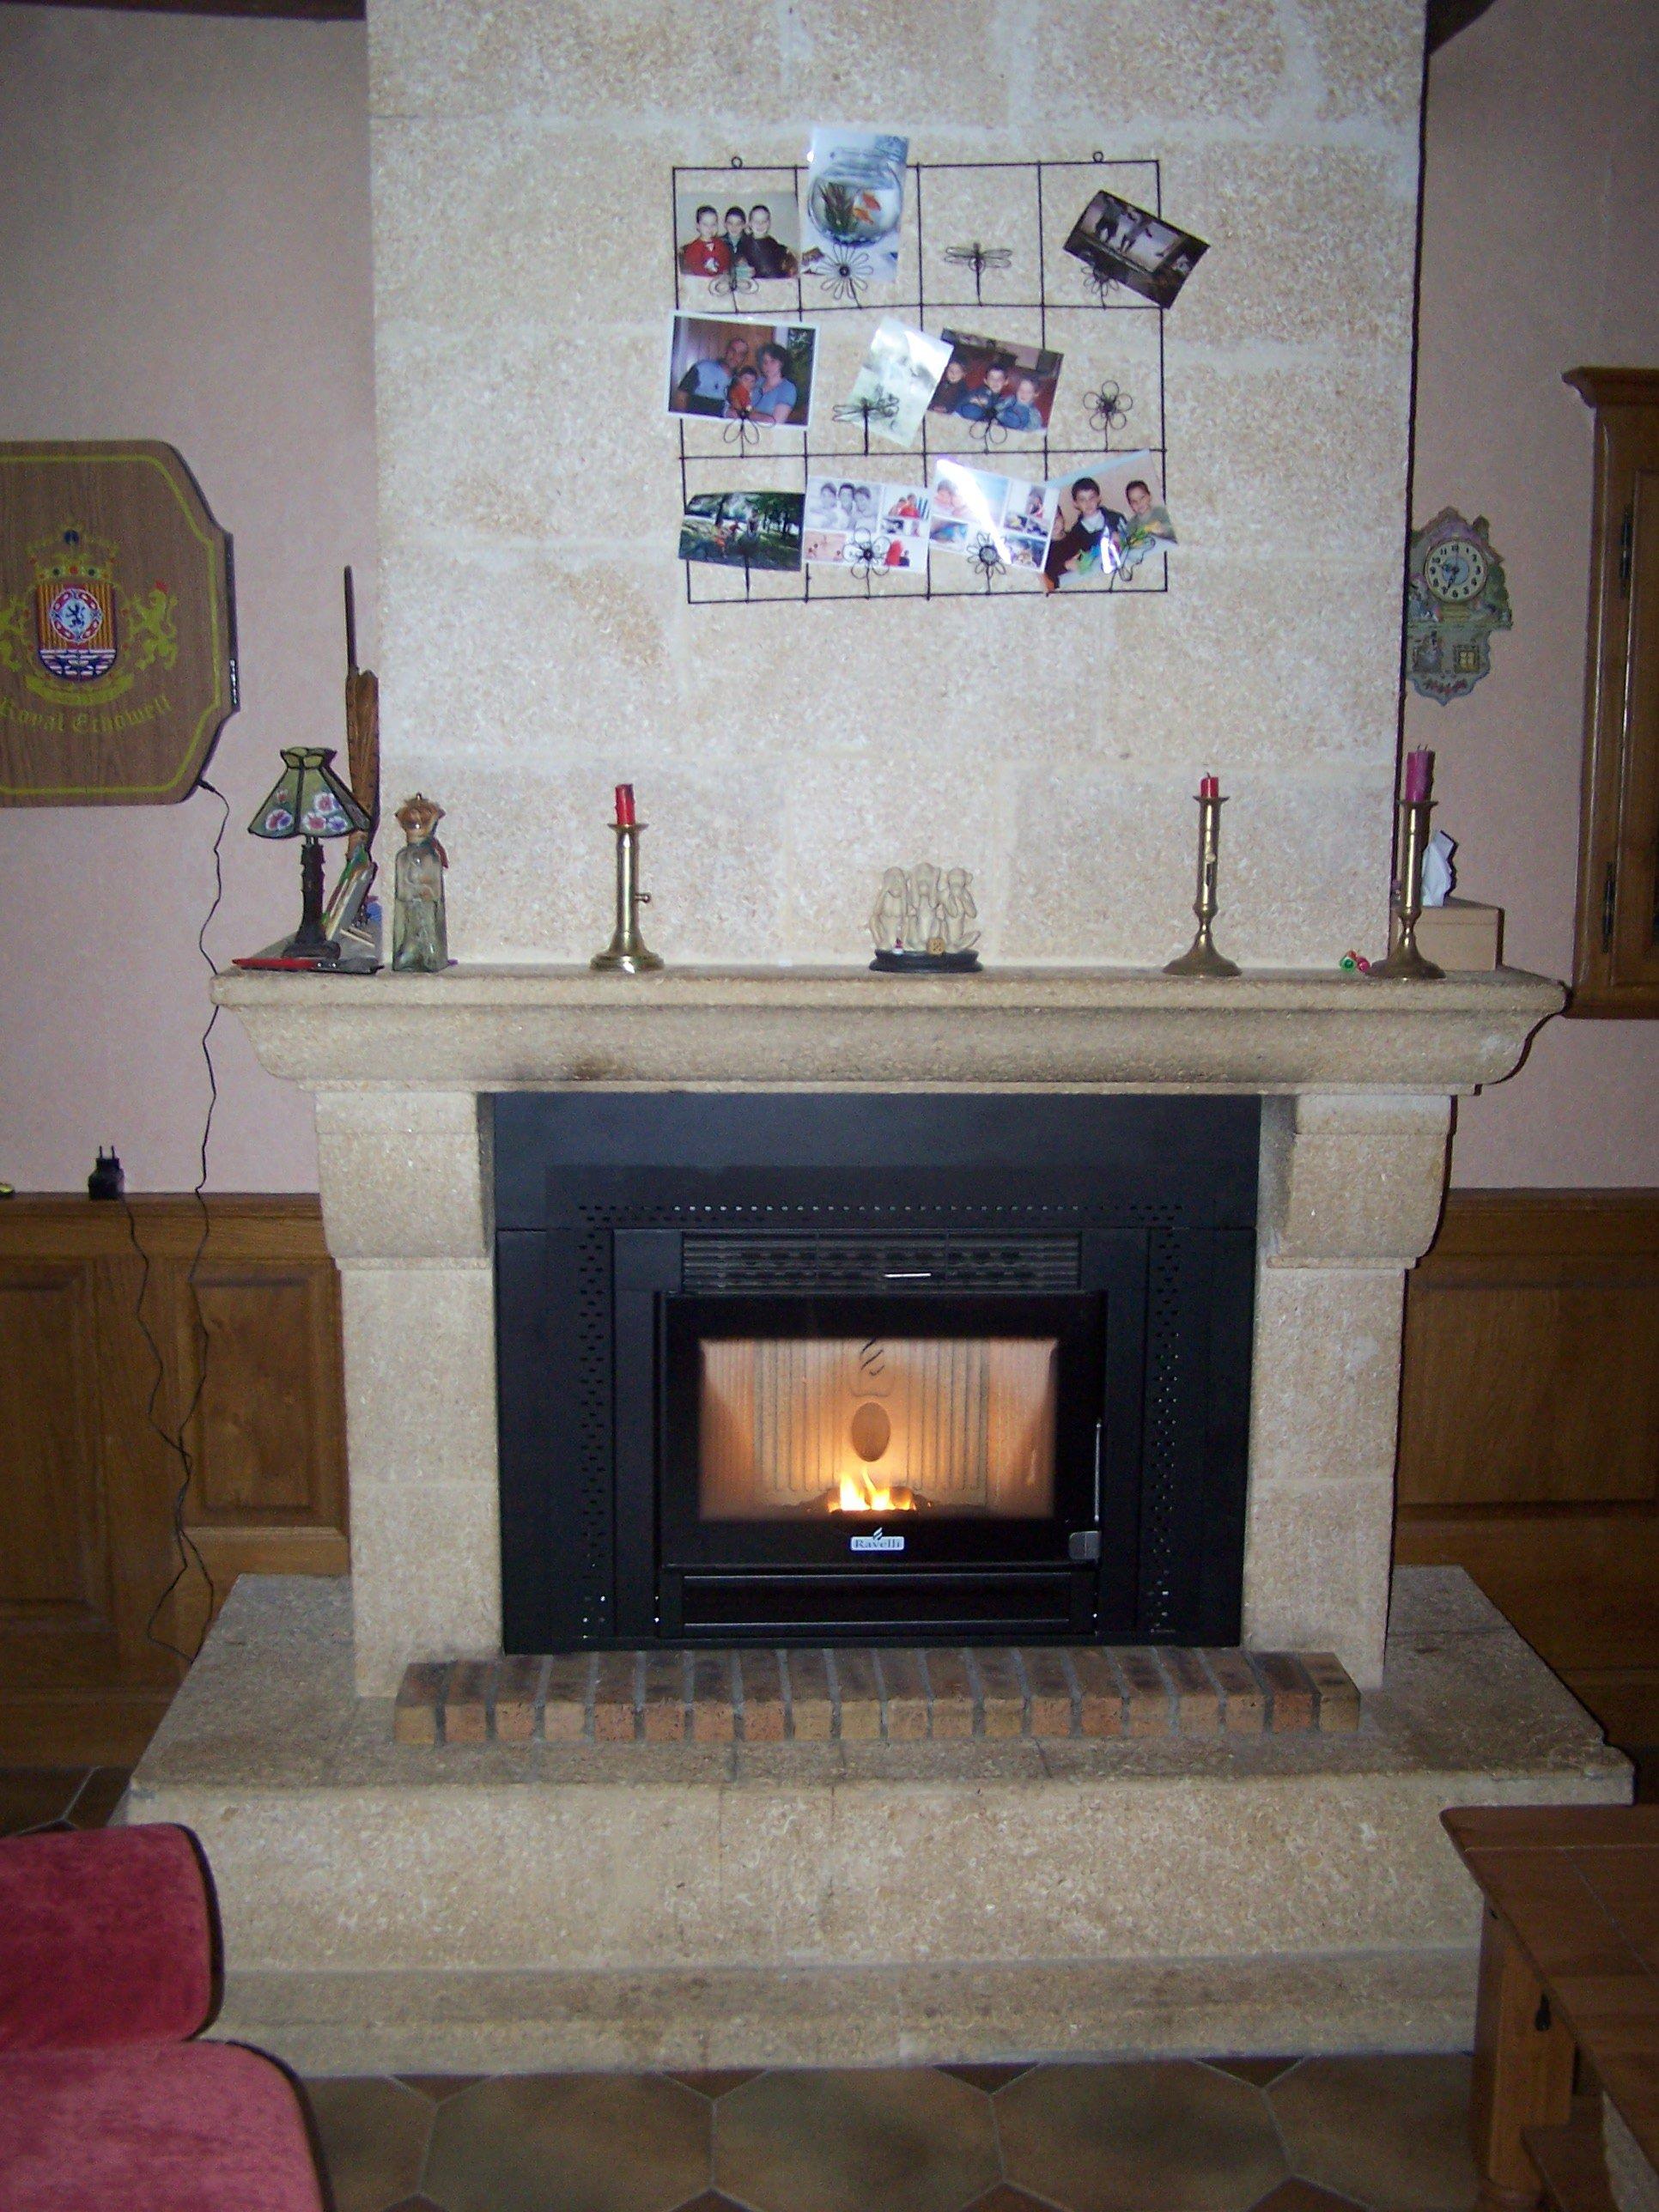 remplacer insert bois par insert granules. Black Bedroom Furniture Sets. Home Design Ideas